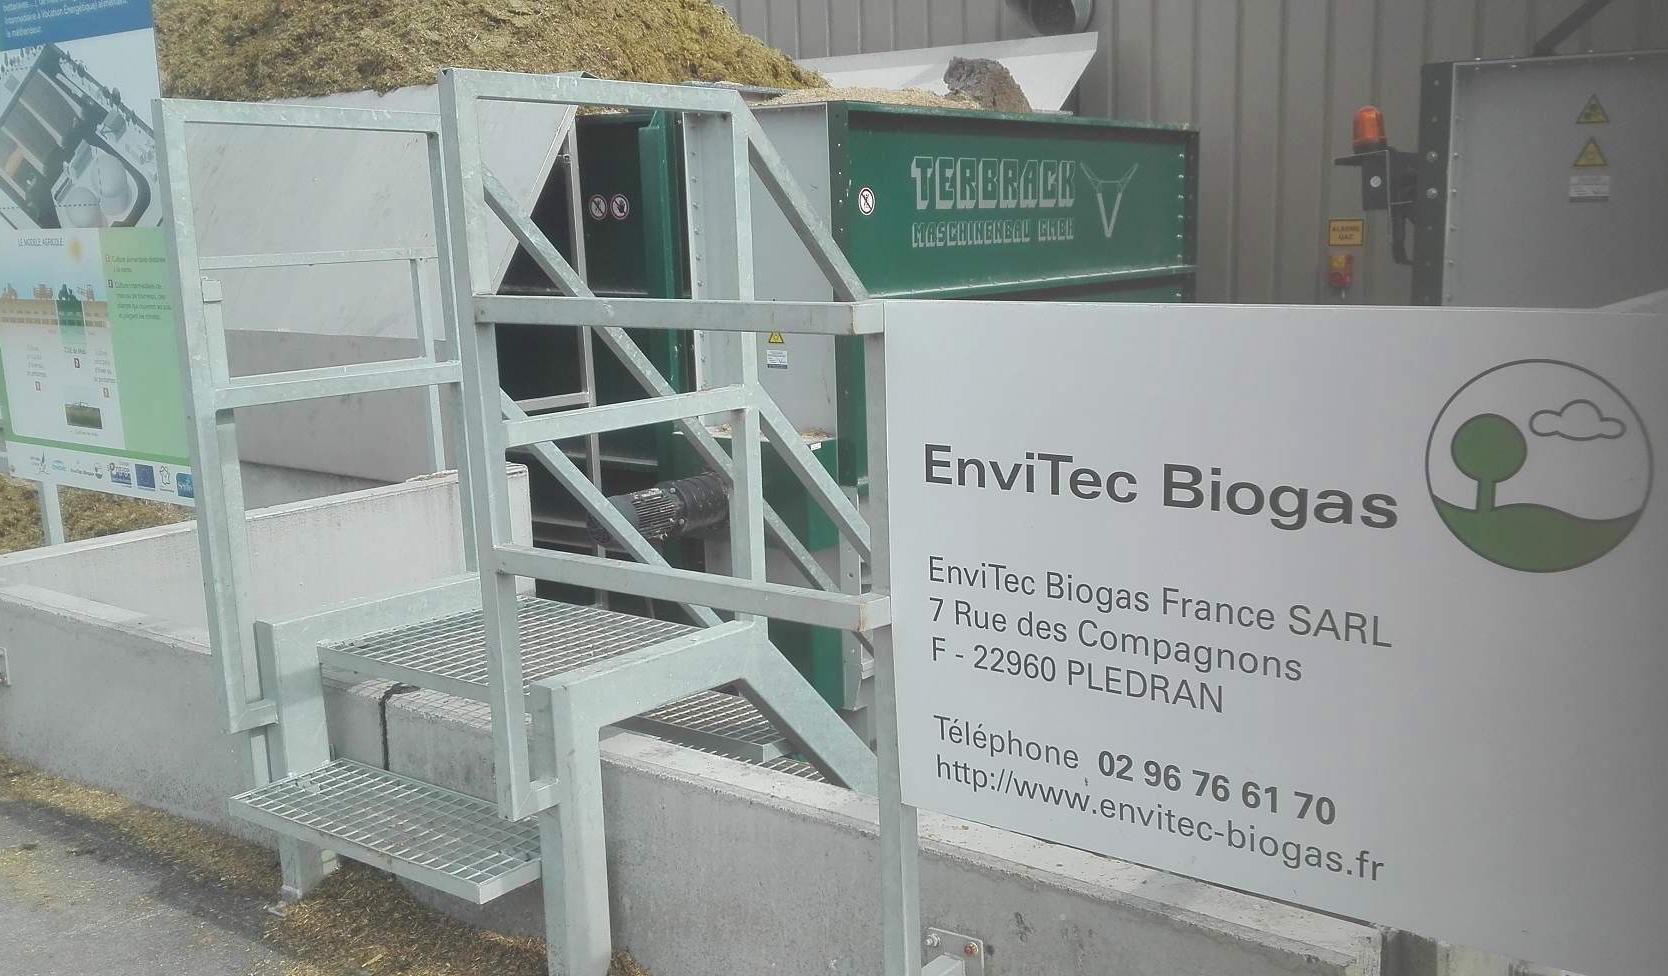 Biogás Valois Senlis Francia 02Unidad Mezclado-Valois-INDEREN